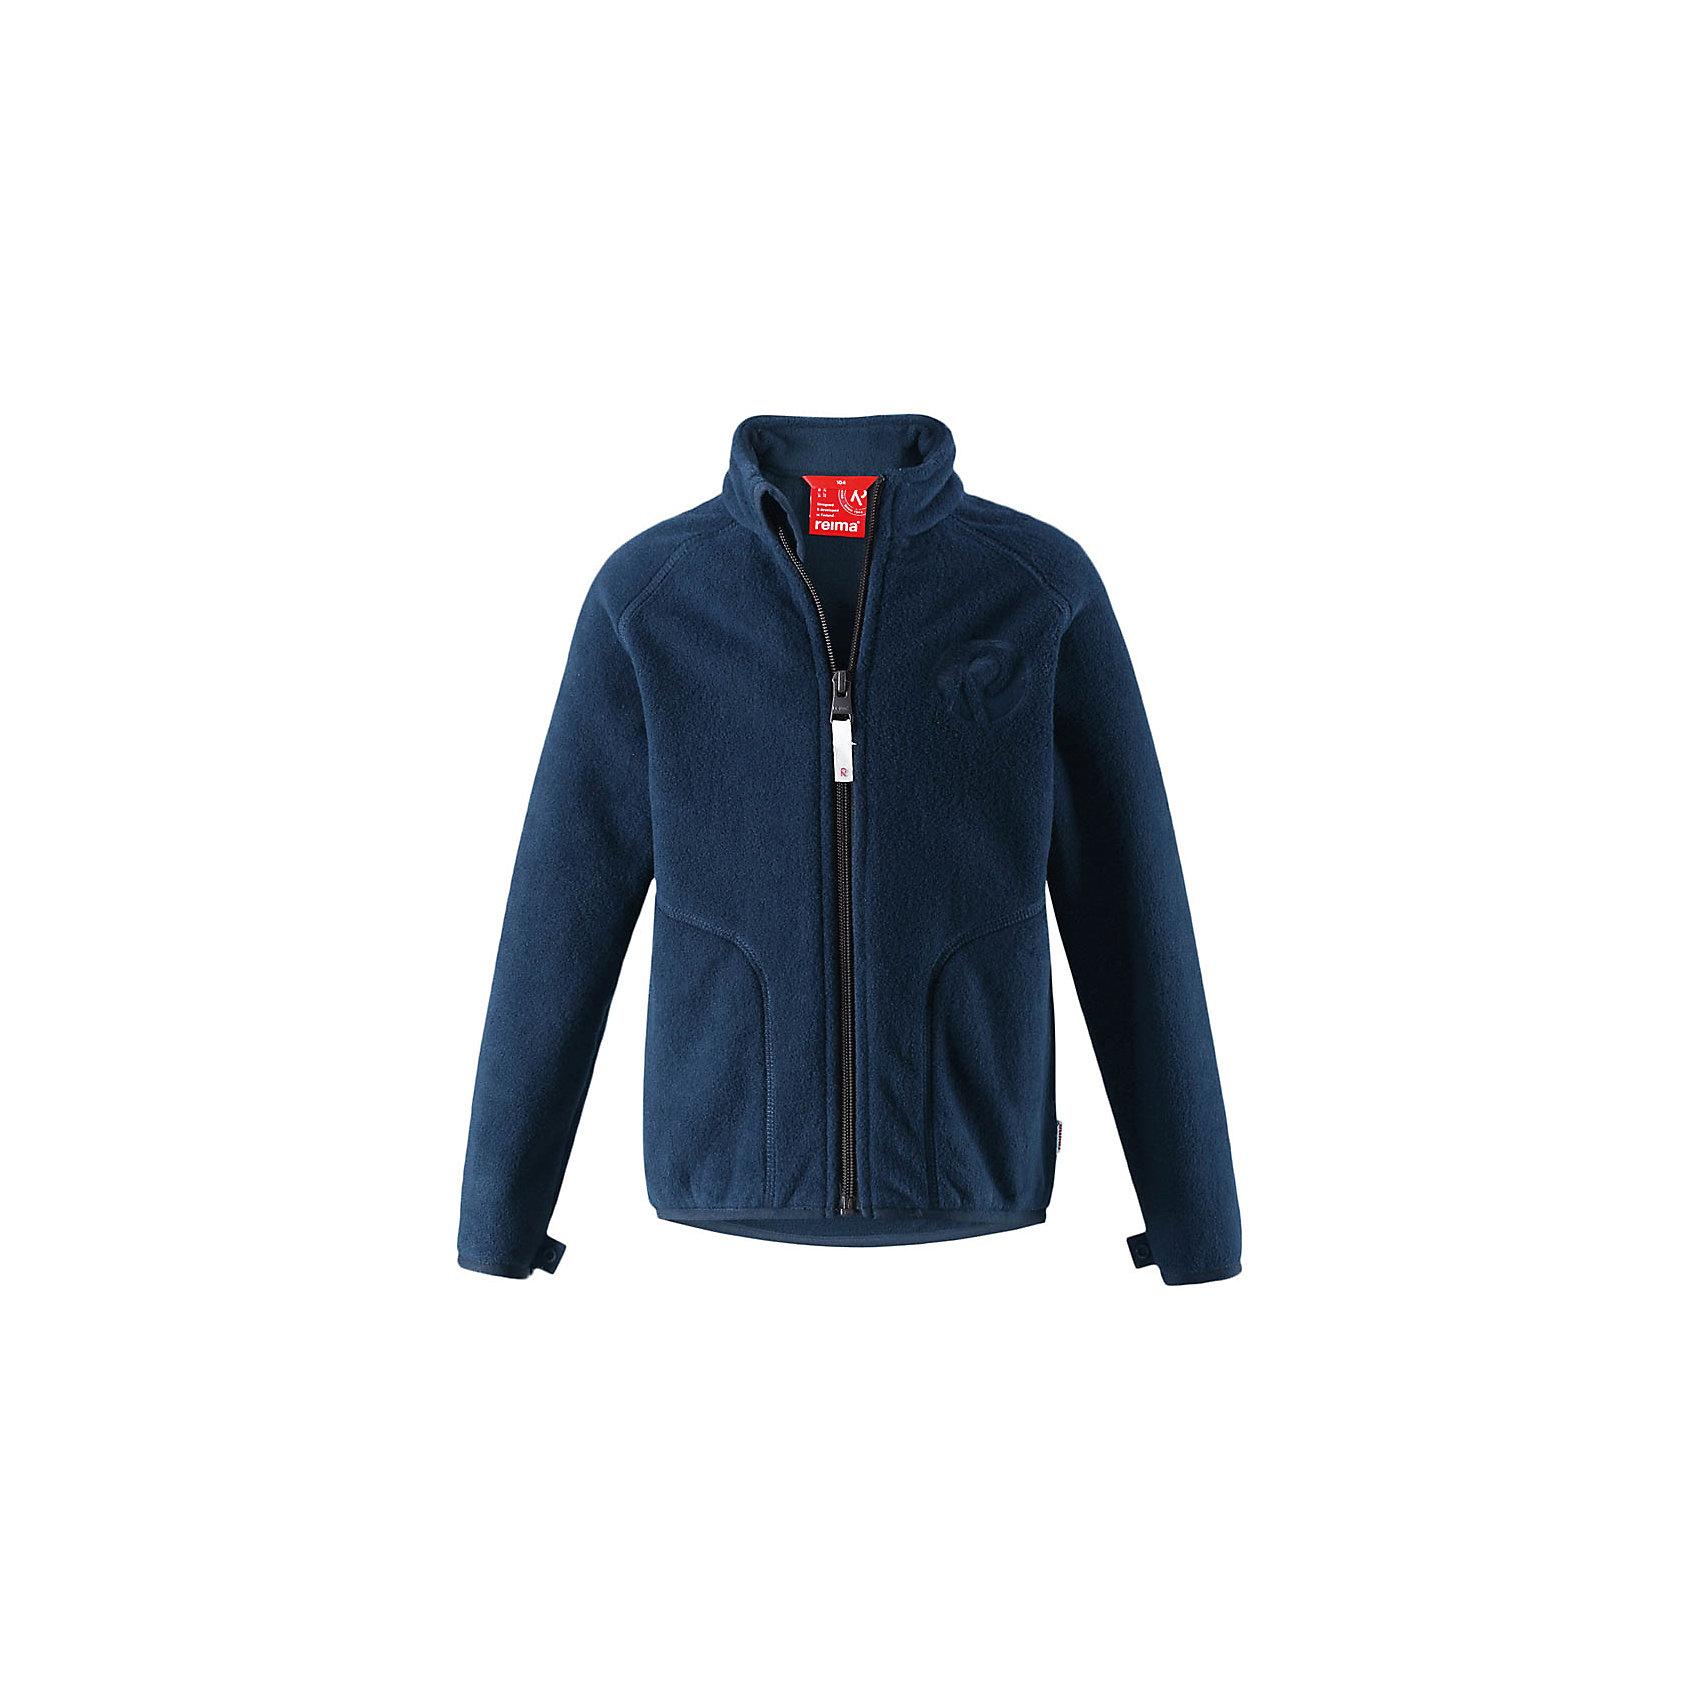 Флисовая кофта Reima InrunТолстовки<br>Супер удобная детская флисовая куртка превосходно послужит в качестве промежуточного слоя в морозные зимние дни – она теплая и очень мягкая на ощупь. Эта куртка изготовлена из легкого полярного флиса, дышащего и быстросохнущего материала. Молния во всю длину облегчает надевание, а защита для подбородка не дает поцарапать молнией шею и подбородок. <br><br>Эту практичную флисовую куртку легко можно пристегнуть к любой верхней одежде Reima®, оснащенной системой кнопок Play Layers®. Эта удобная куртка отлично подойдет для занятий в помещении – как раз для детского сада или школы. Два боковых кармана и украшение в виде красивого сплошного рисунка. Восхитительные расцветки – выбирай любую!<br>Состав:<br>100% Полиэстер<br><br>Ширина мм: 190<br>Глубина мм: 74<br>Высота мм: 229<br>Вес г: 236<br>Цвет: синий<br>Возраст от месяцев: 18<br>Возраст до месяцев: 24<br>Пол: Унисекс<br>Возраст: Детский<br>Размер: 92,140,98,104,110,116,122,128,134<br>SKU: 6901873